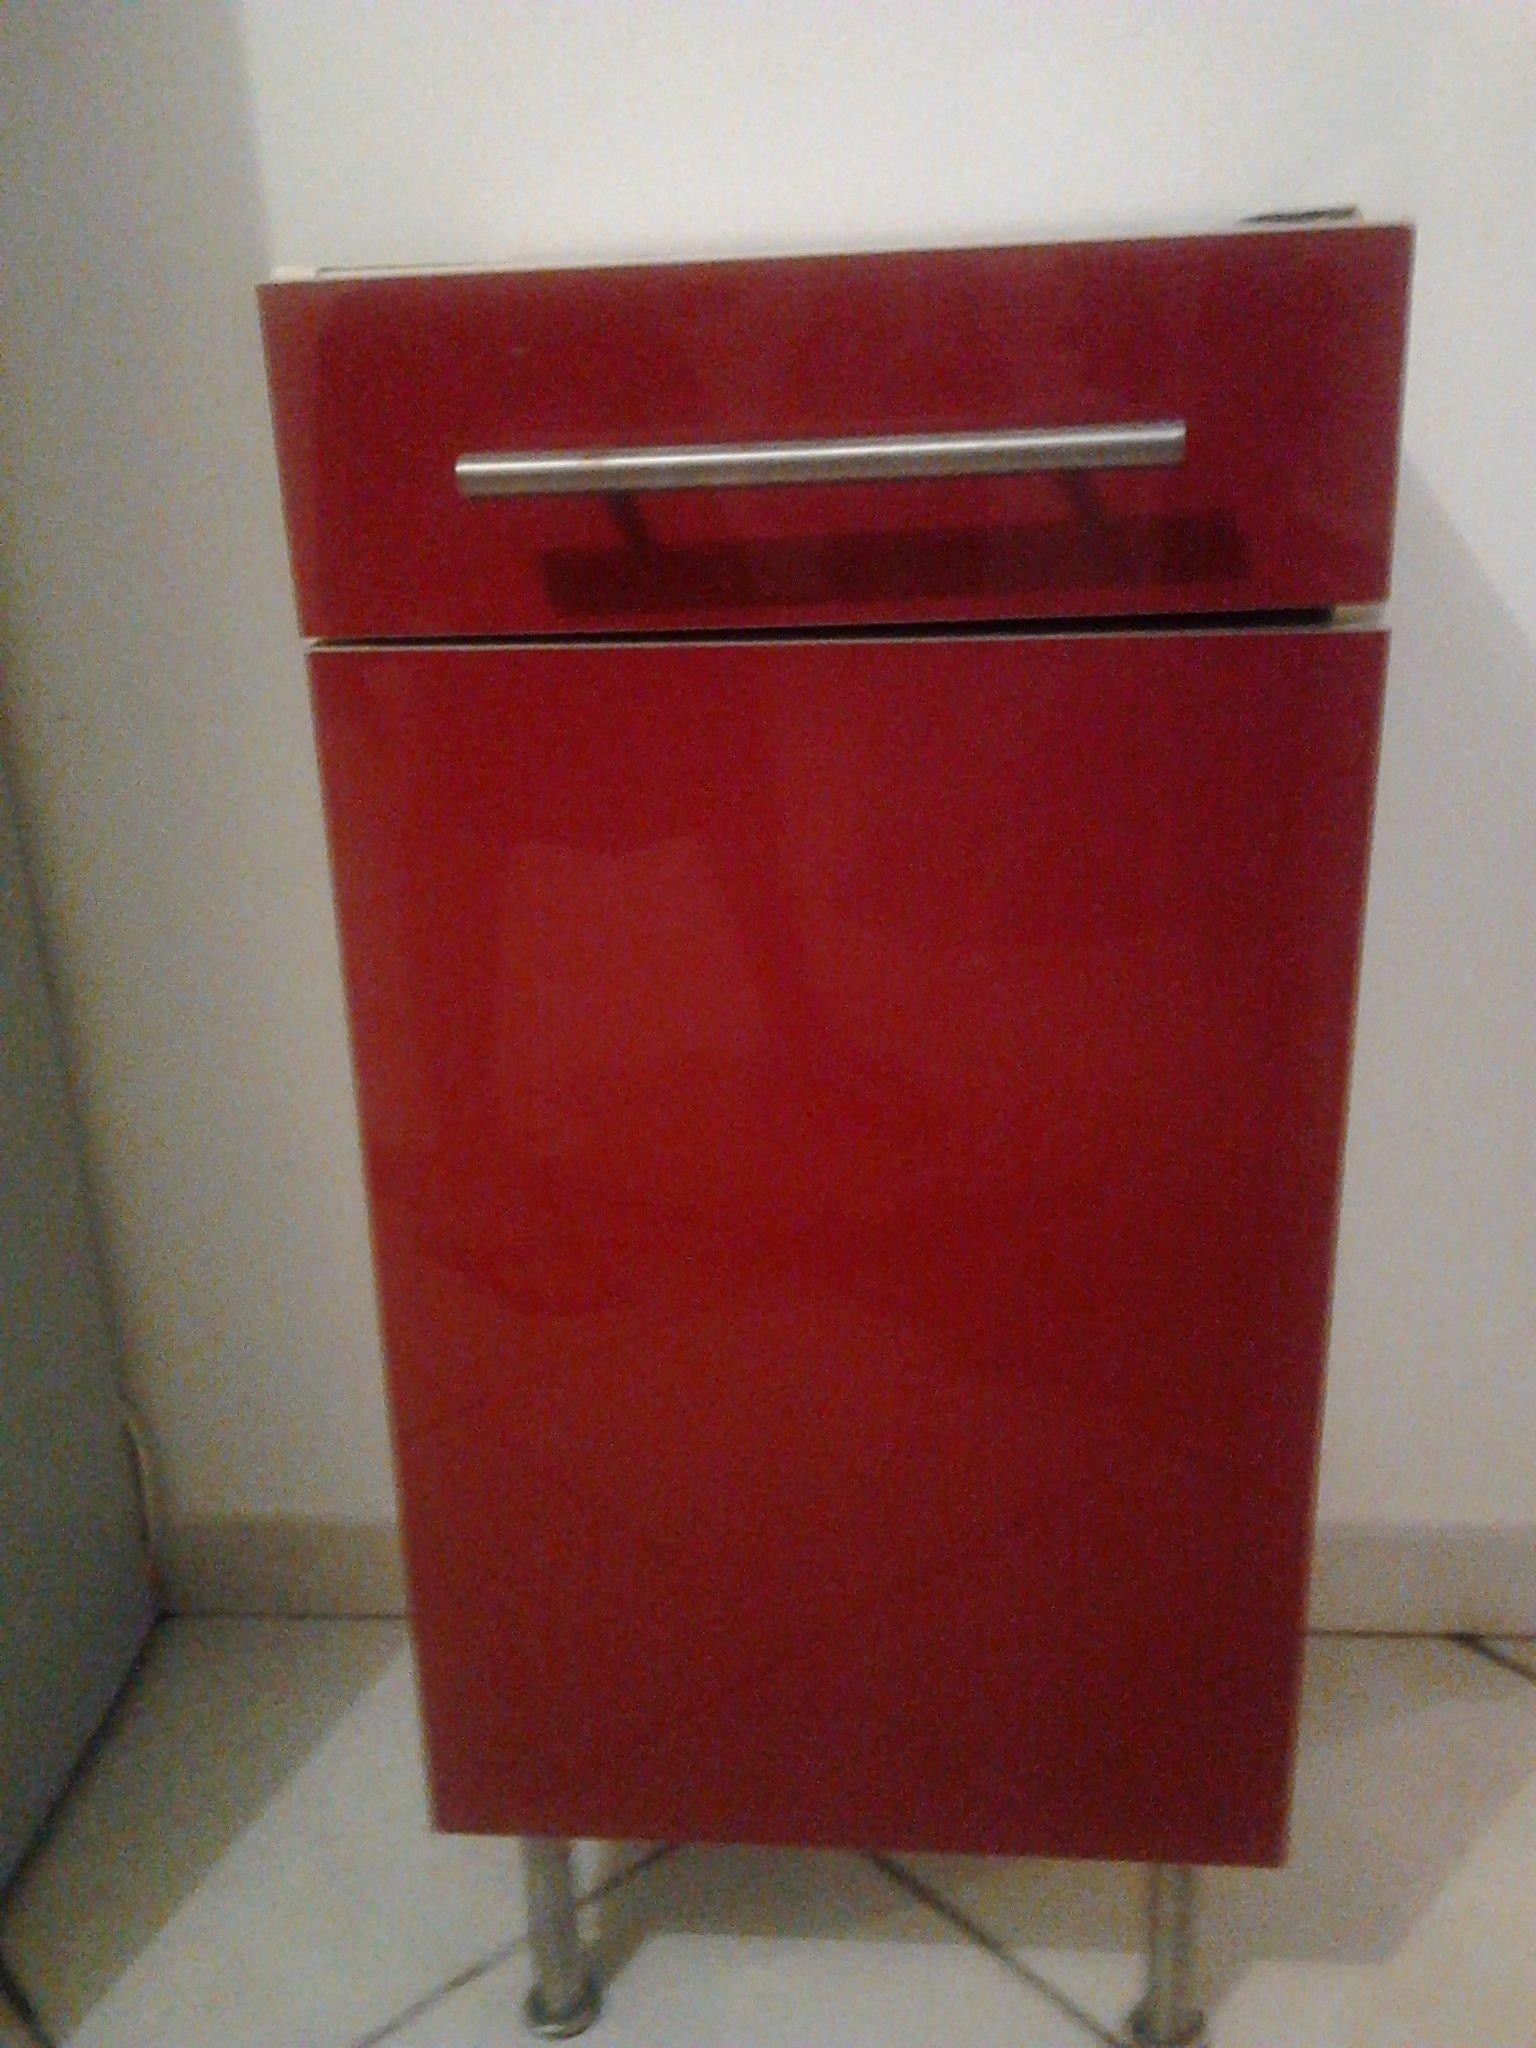 Meuble cuisine ik a rouge 30 bon tat guyaffaires - Facade meuble cuisine ikea ...